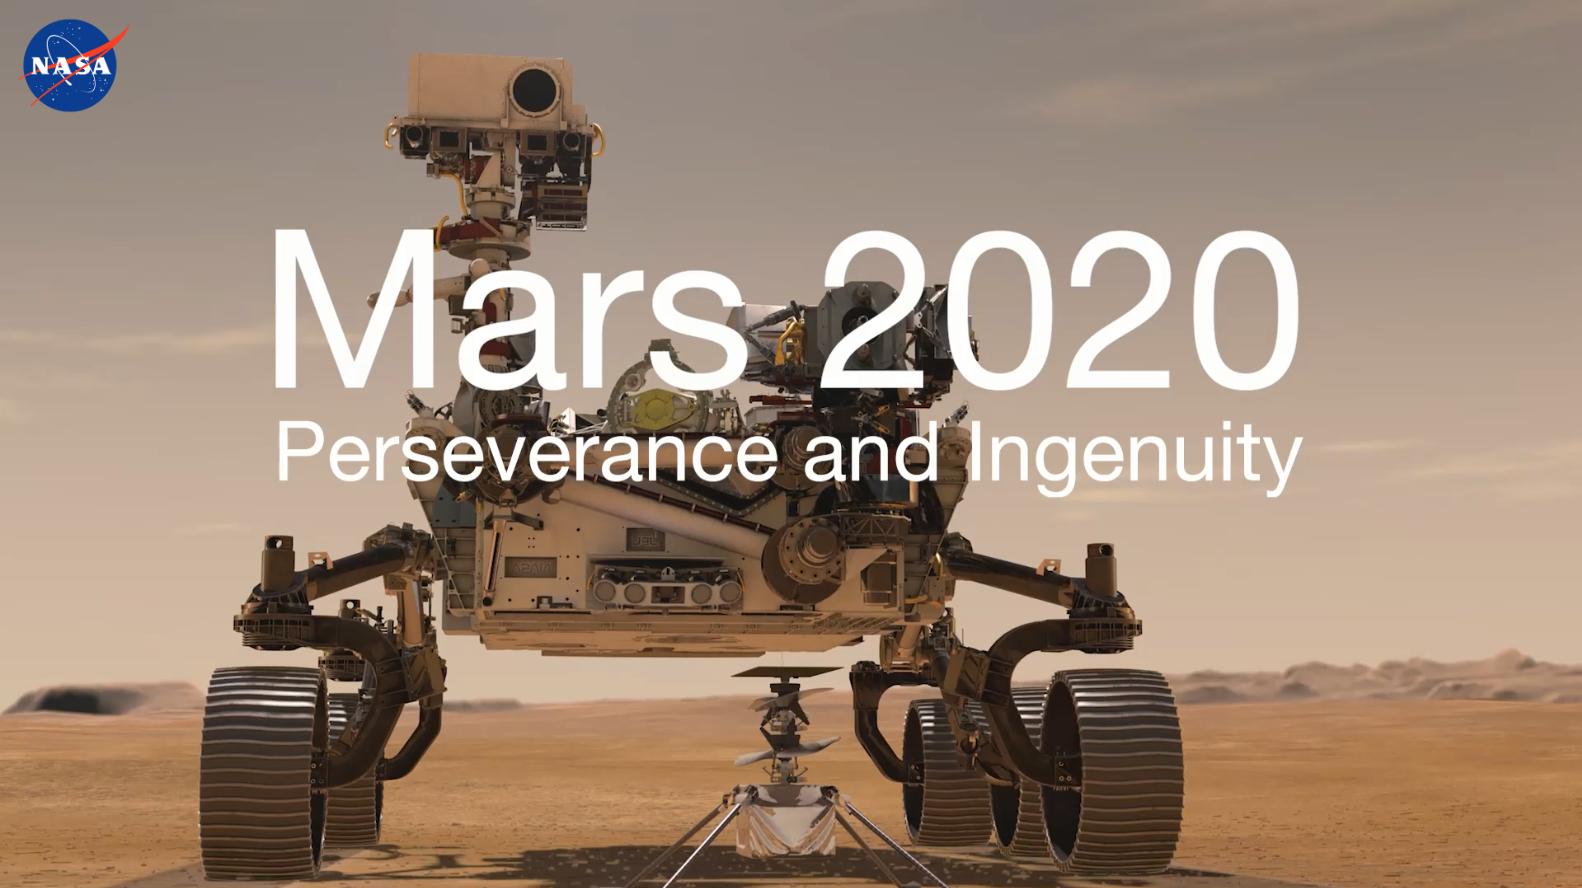 免费领取NASA船票 把自己的名字送上火星-图1